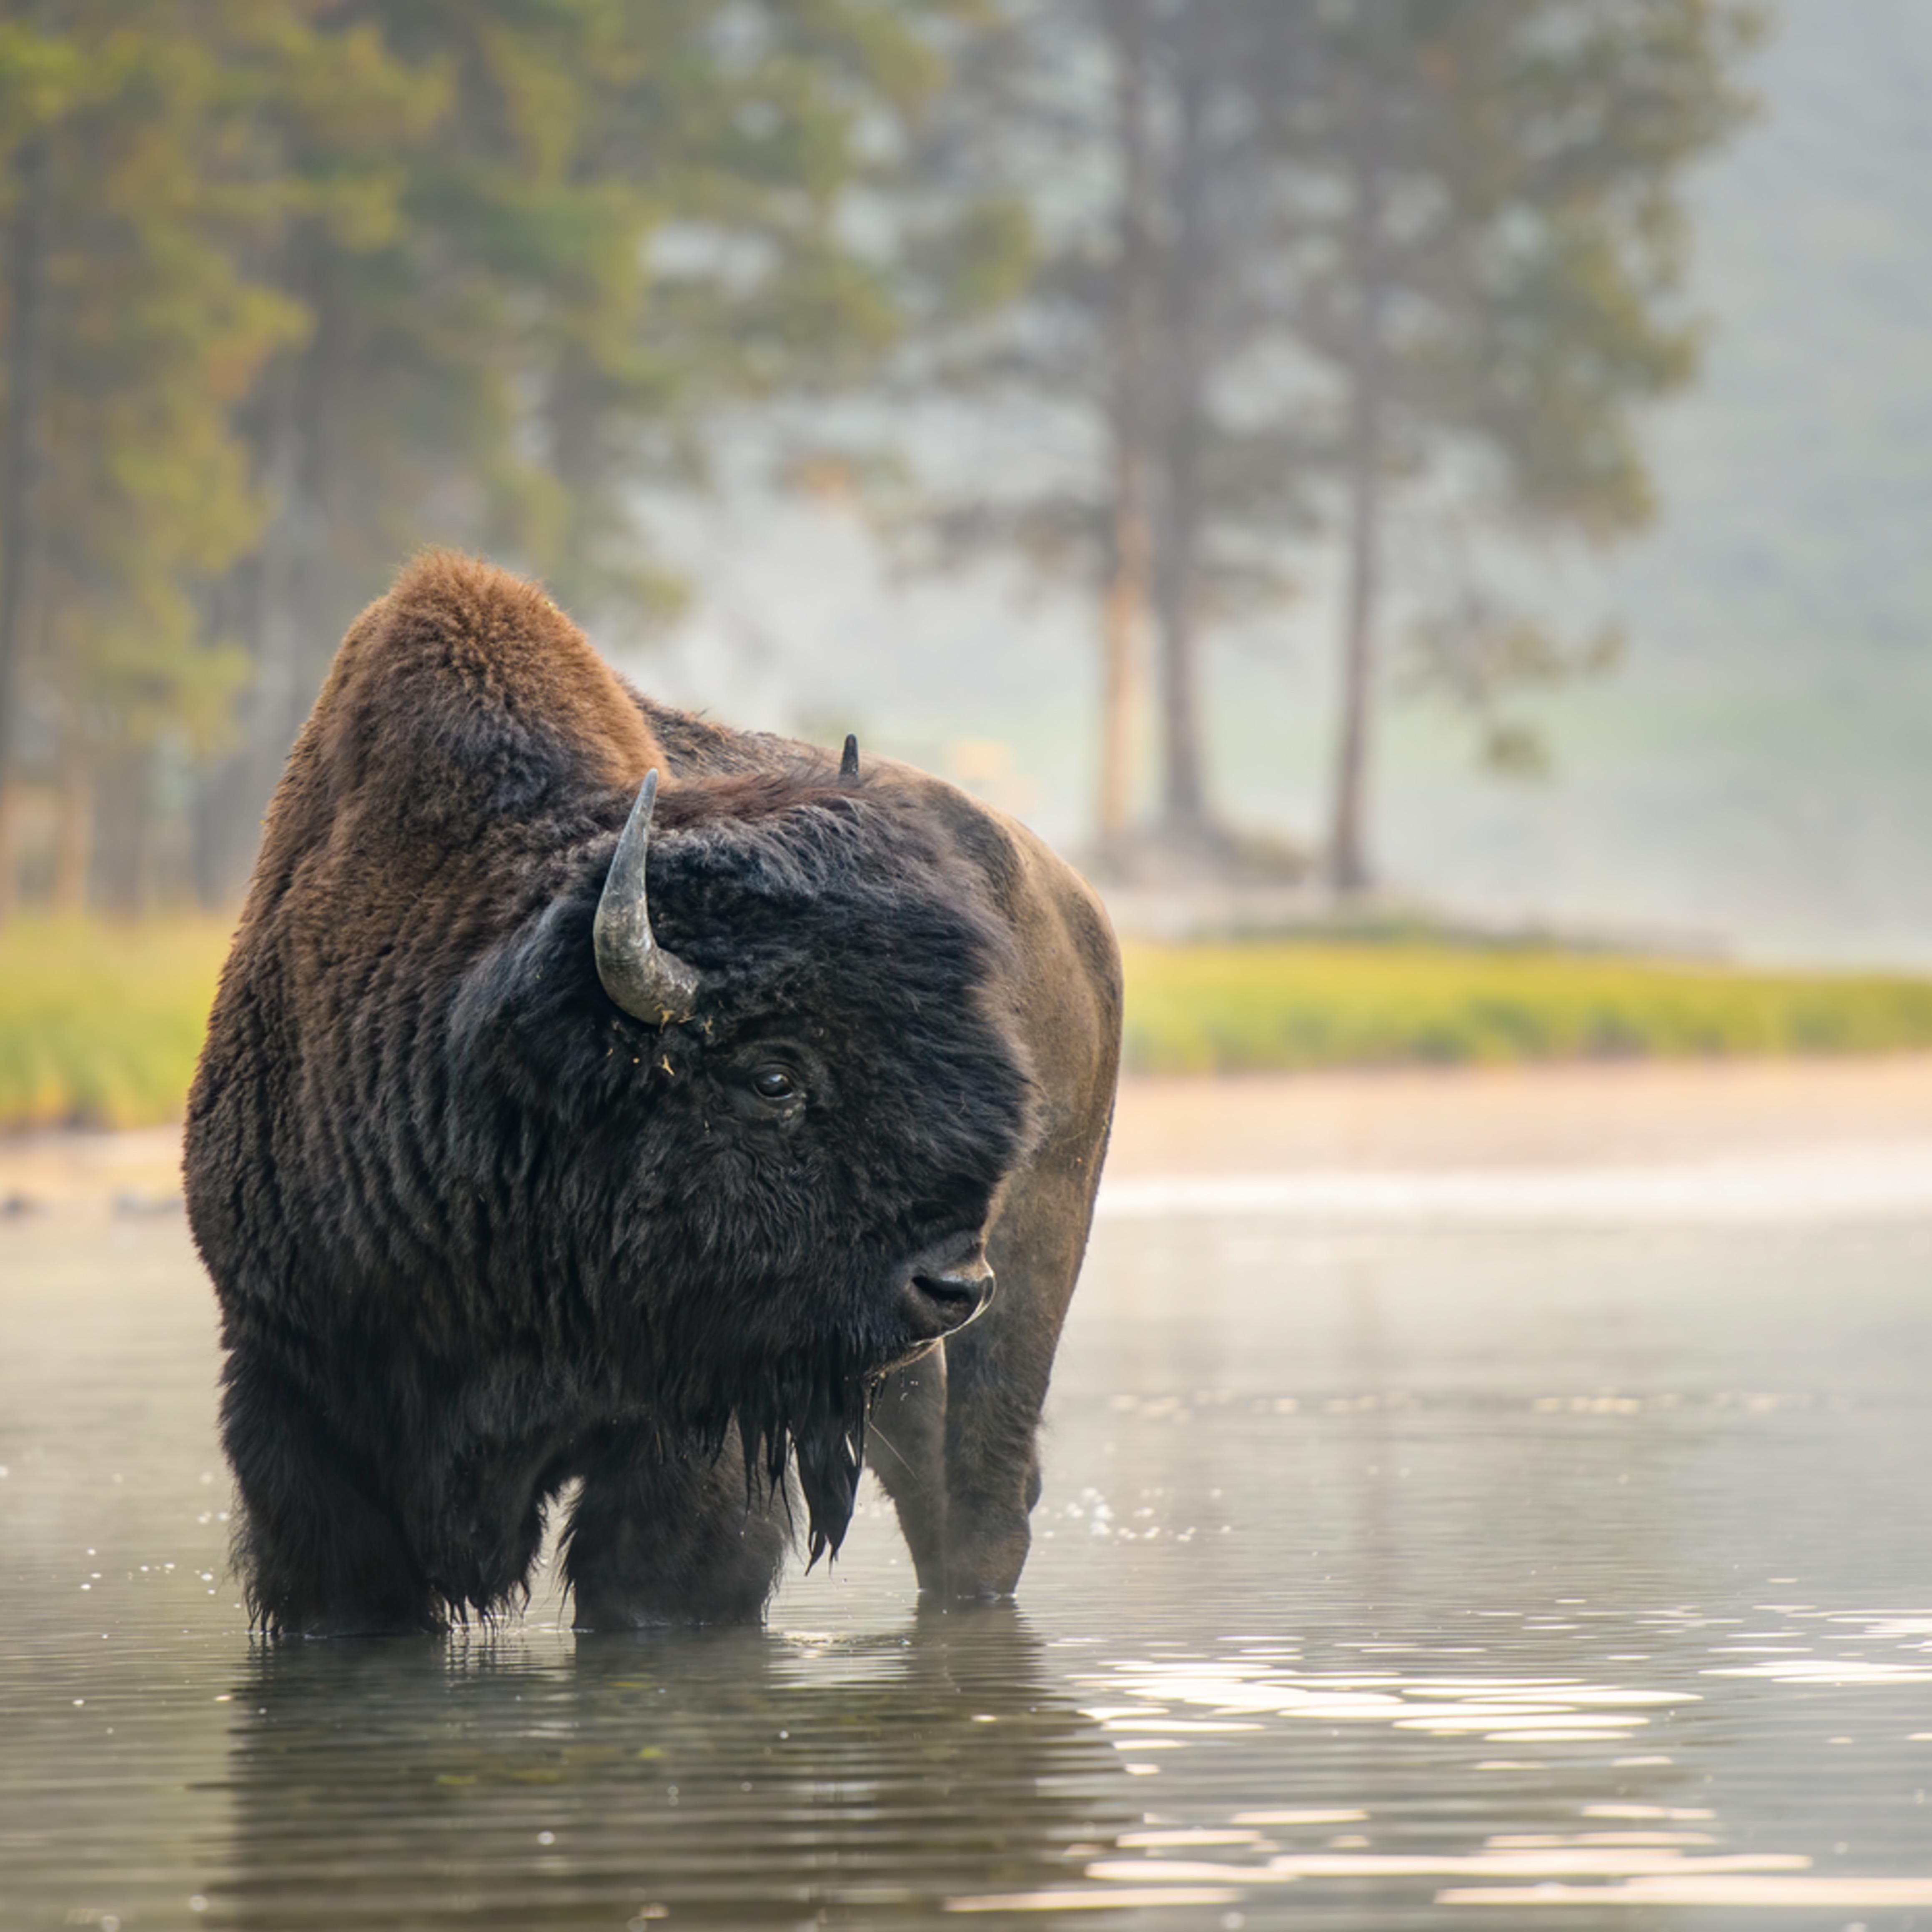 Bull bison at nez perce ford x2152 1.5  6952 x 4635 j100argb s2blko100p5h5v2rt 20200926 1118 feon7n